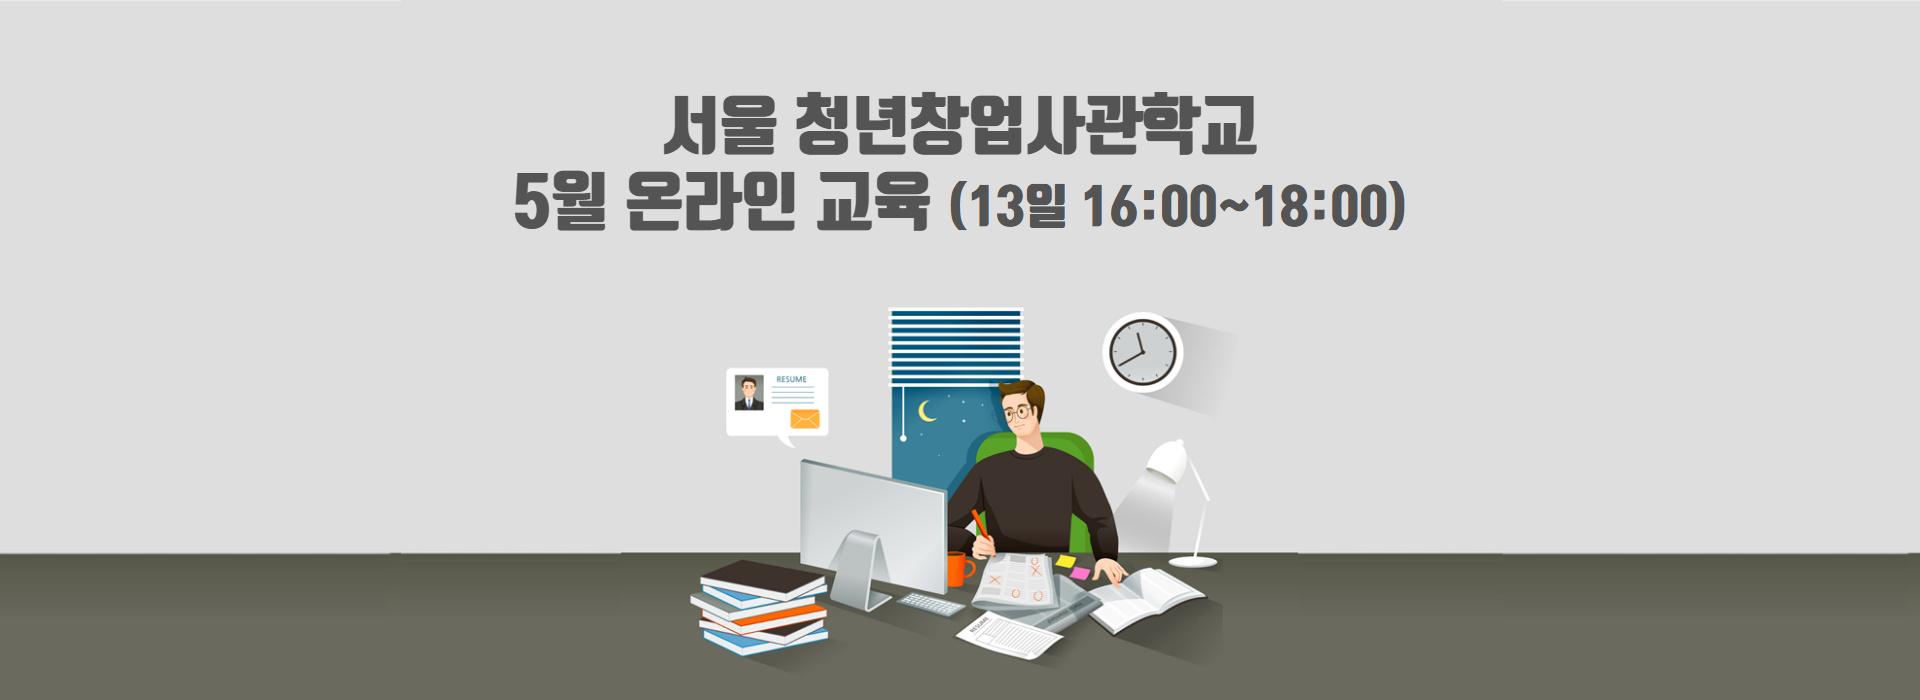 최정우 대표 특강! 옐로우모바일의 성장과 추락